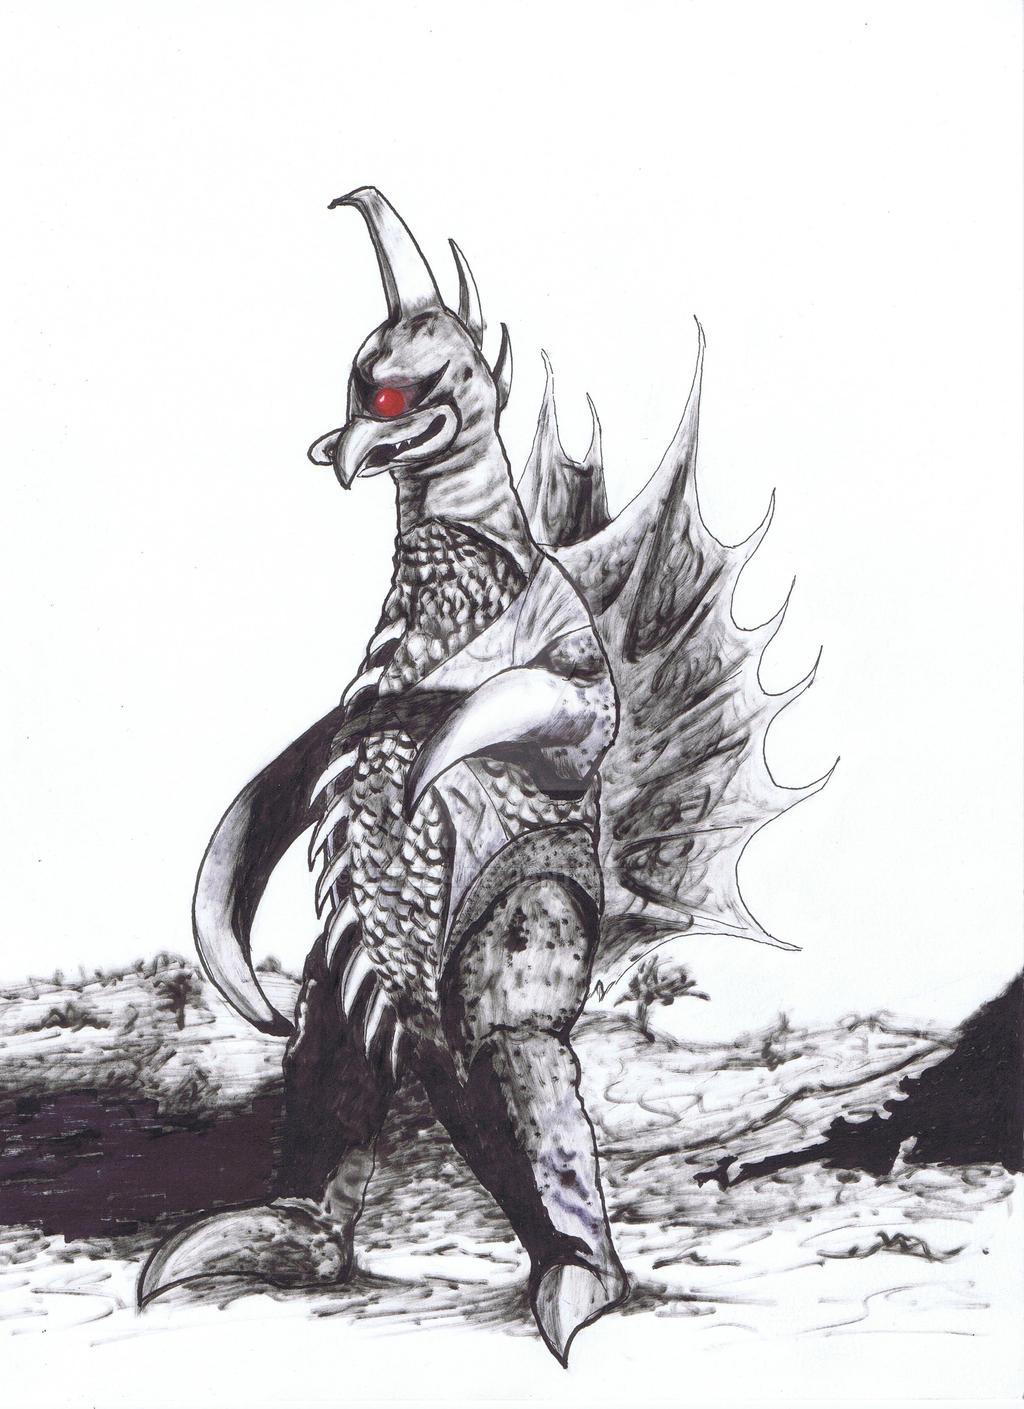 Kaiju 04 by Zepeda